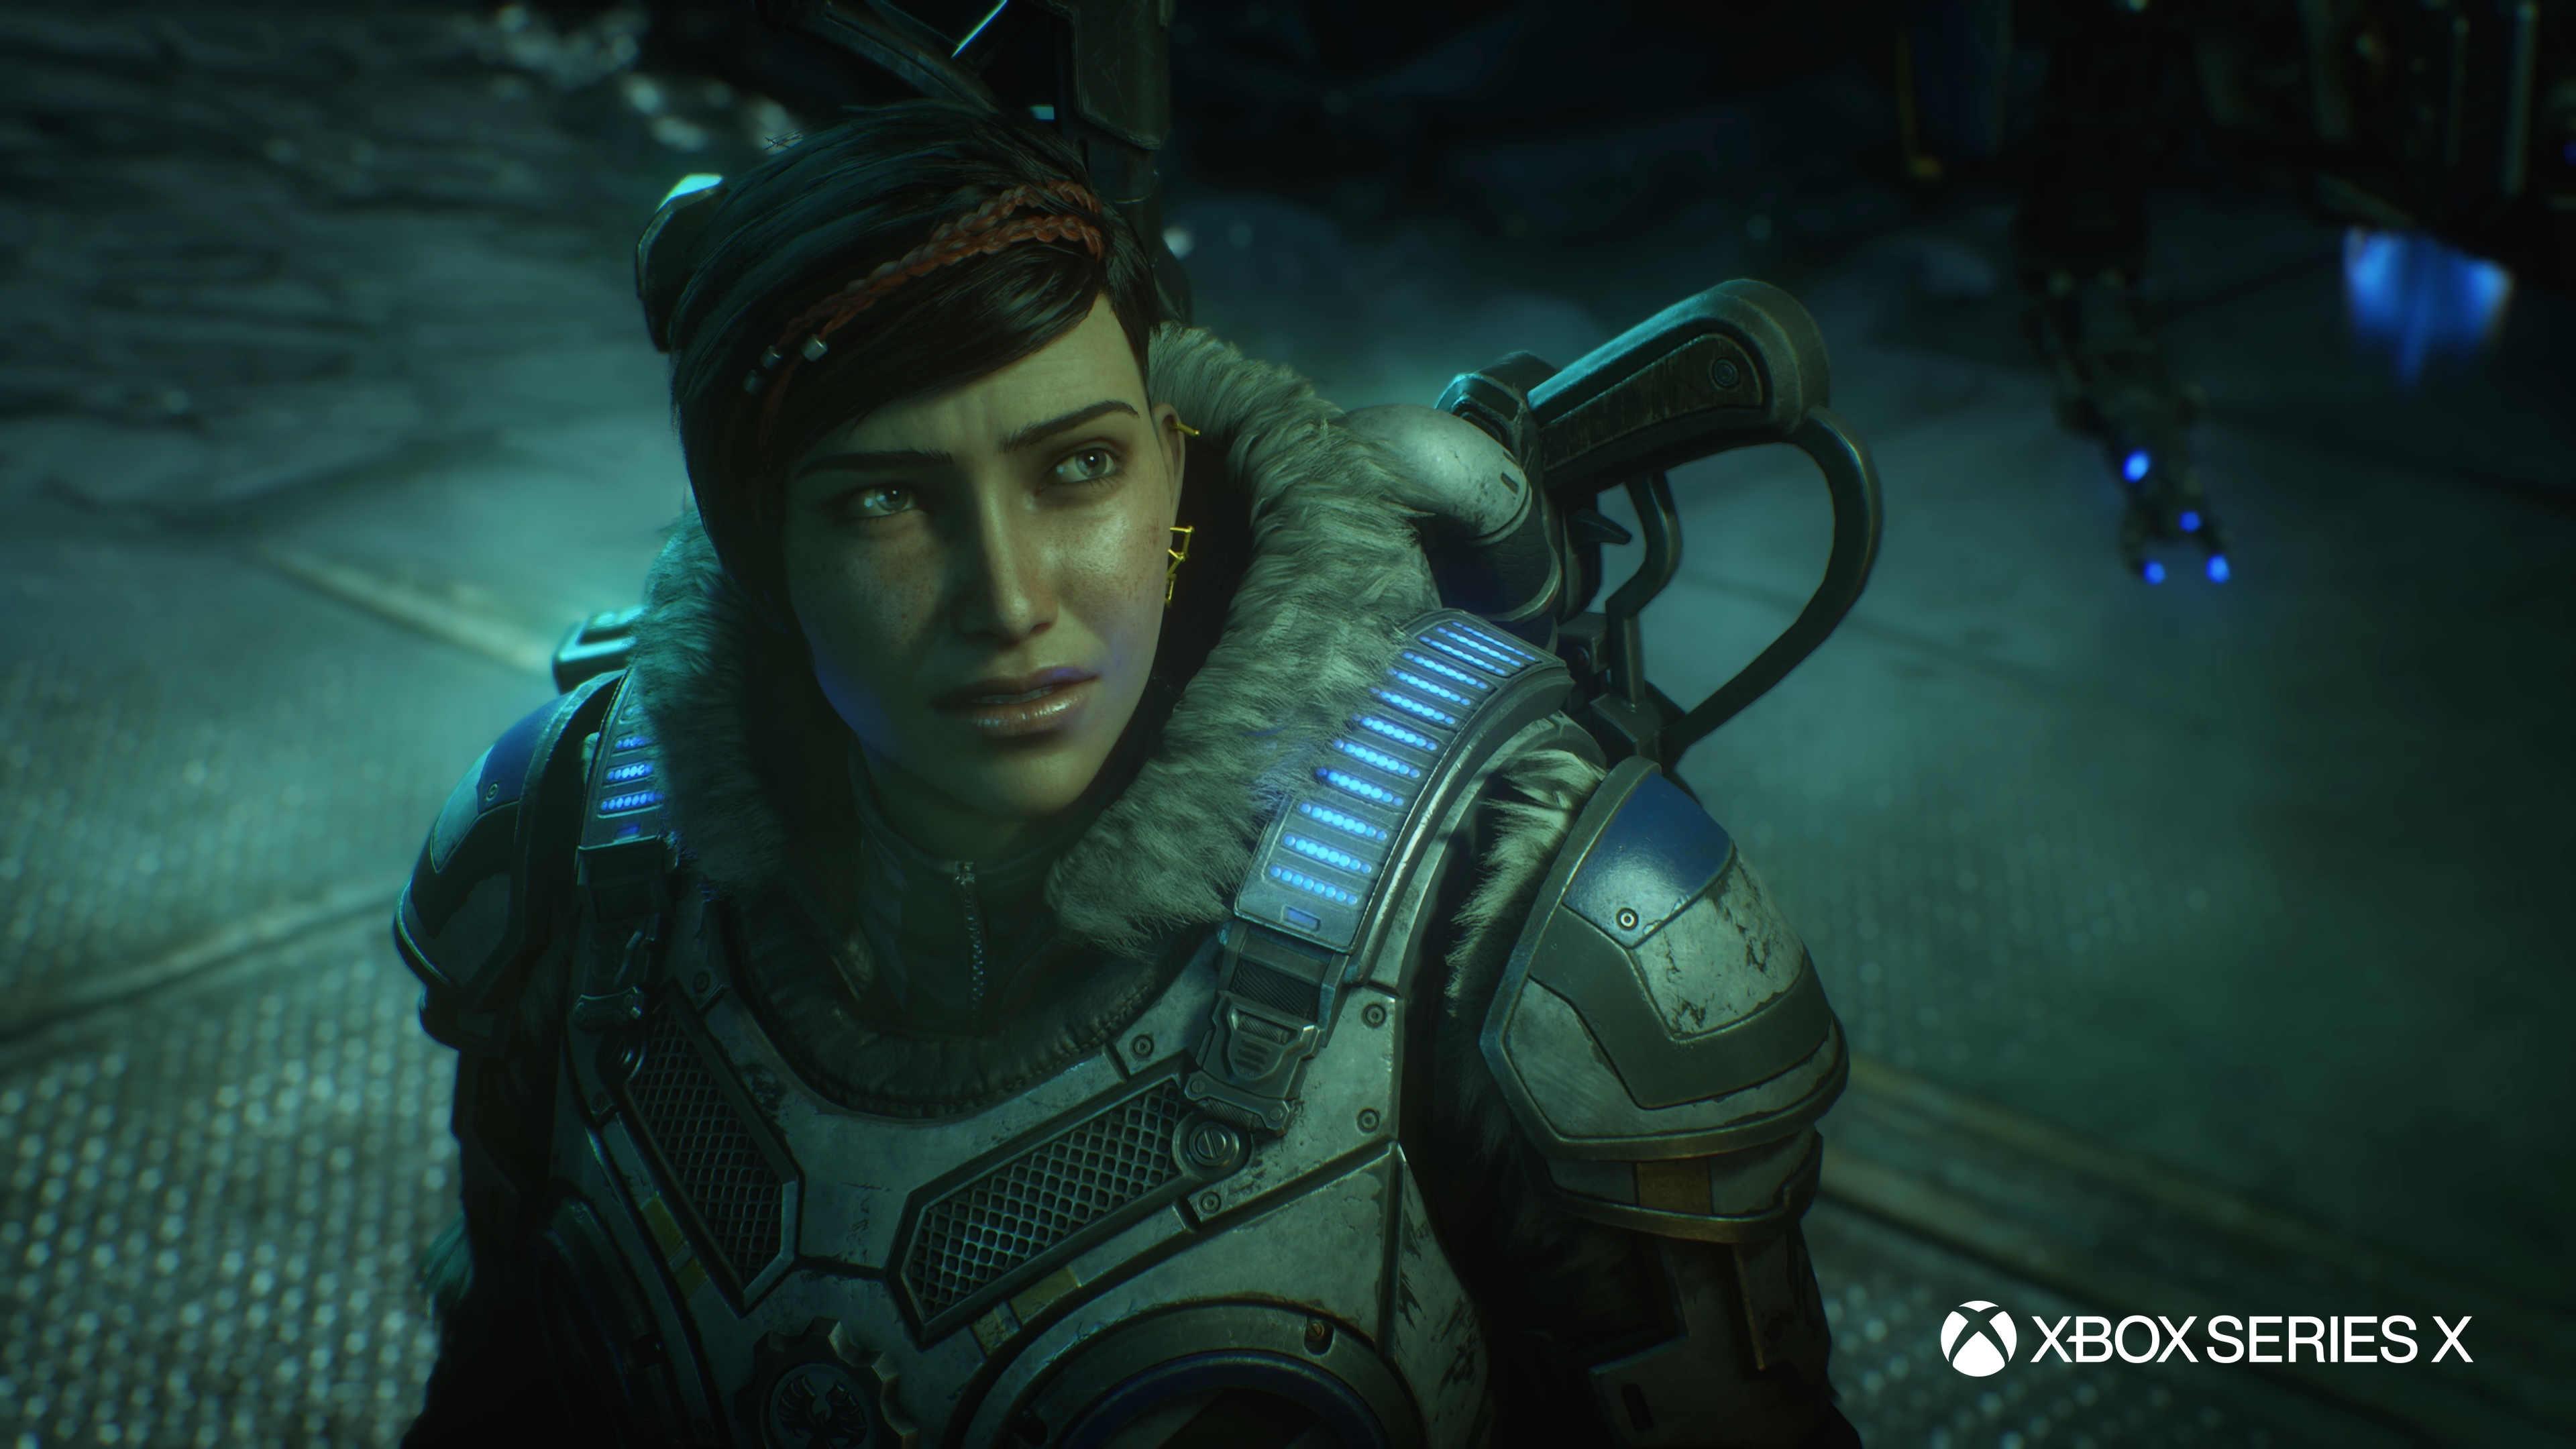 《战争机器5》次世代版升级预告 加入大量新内容